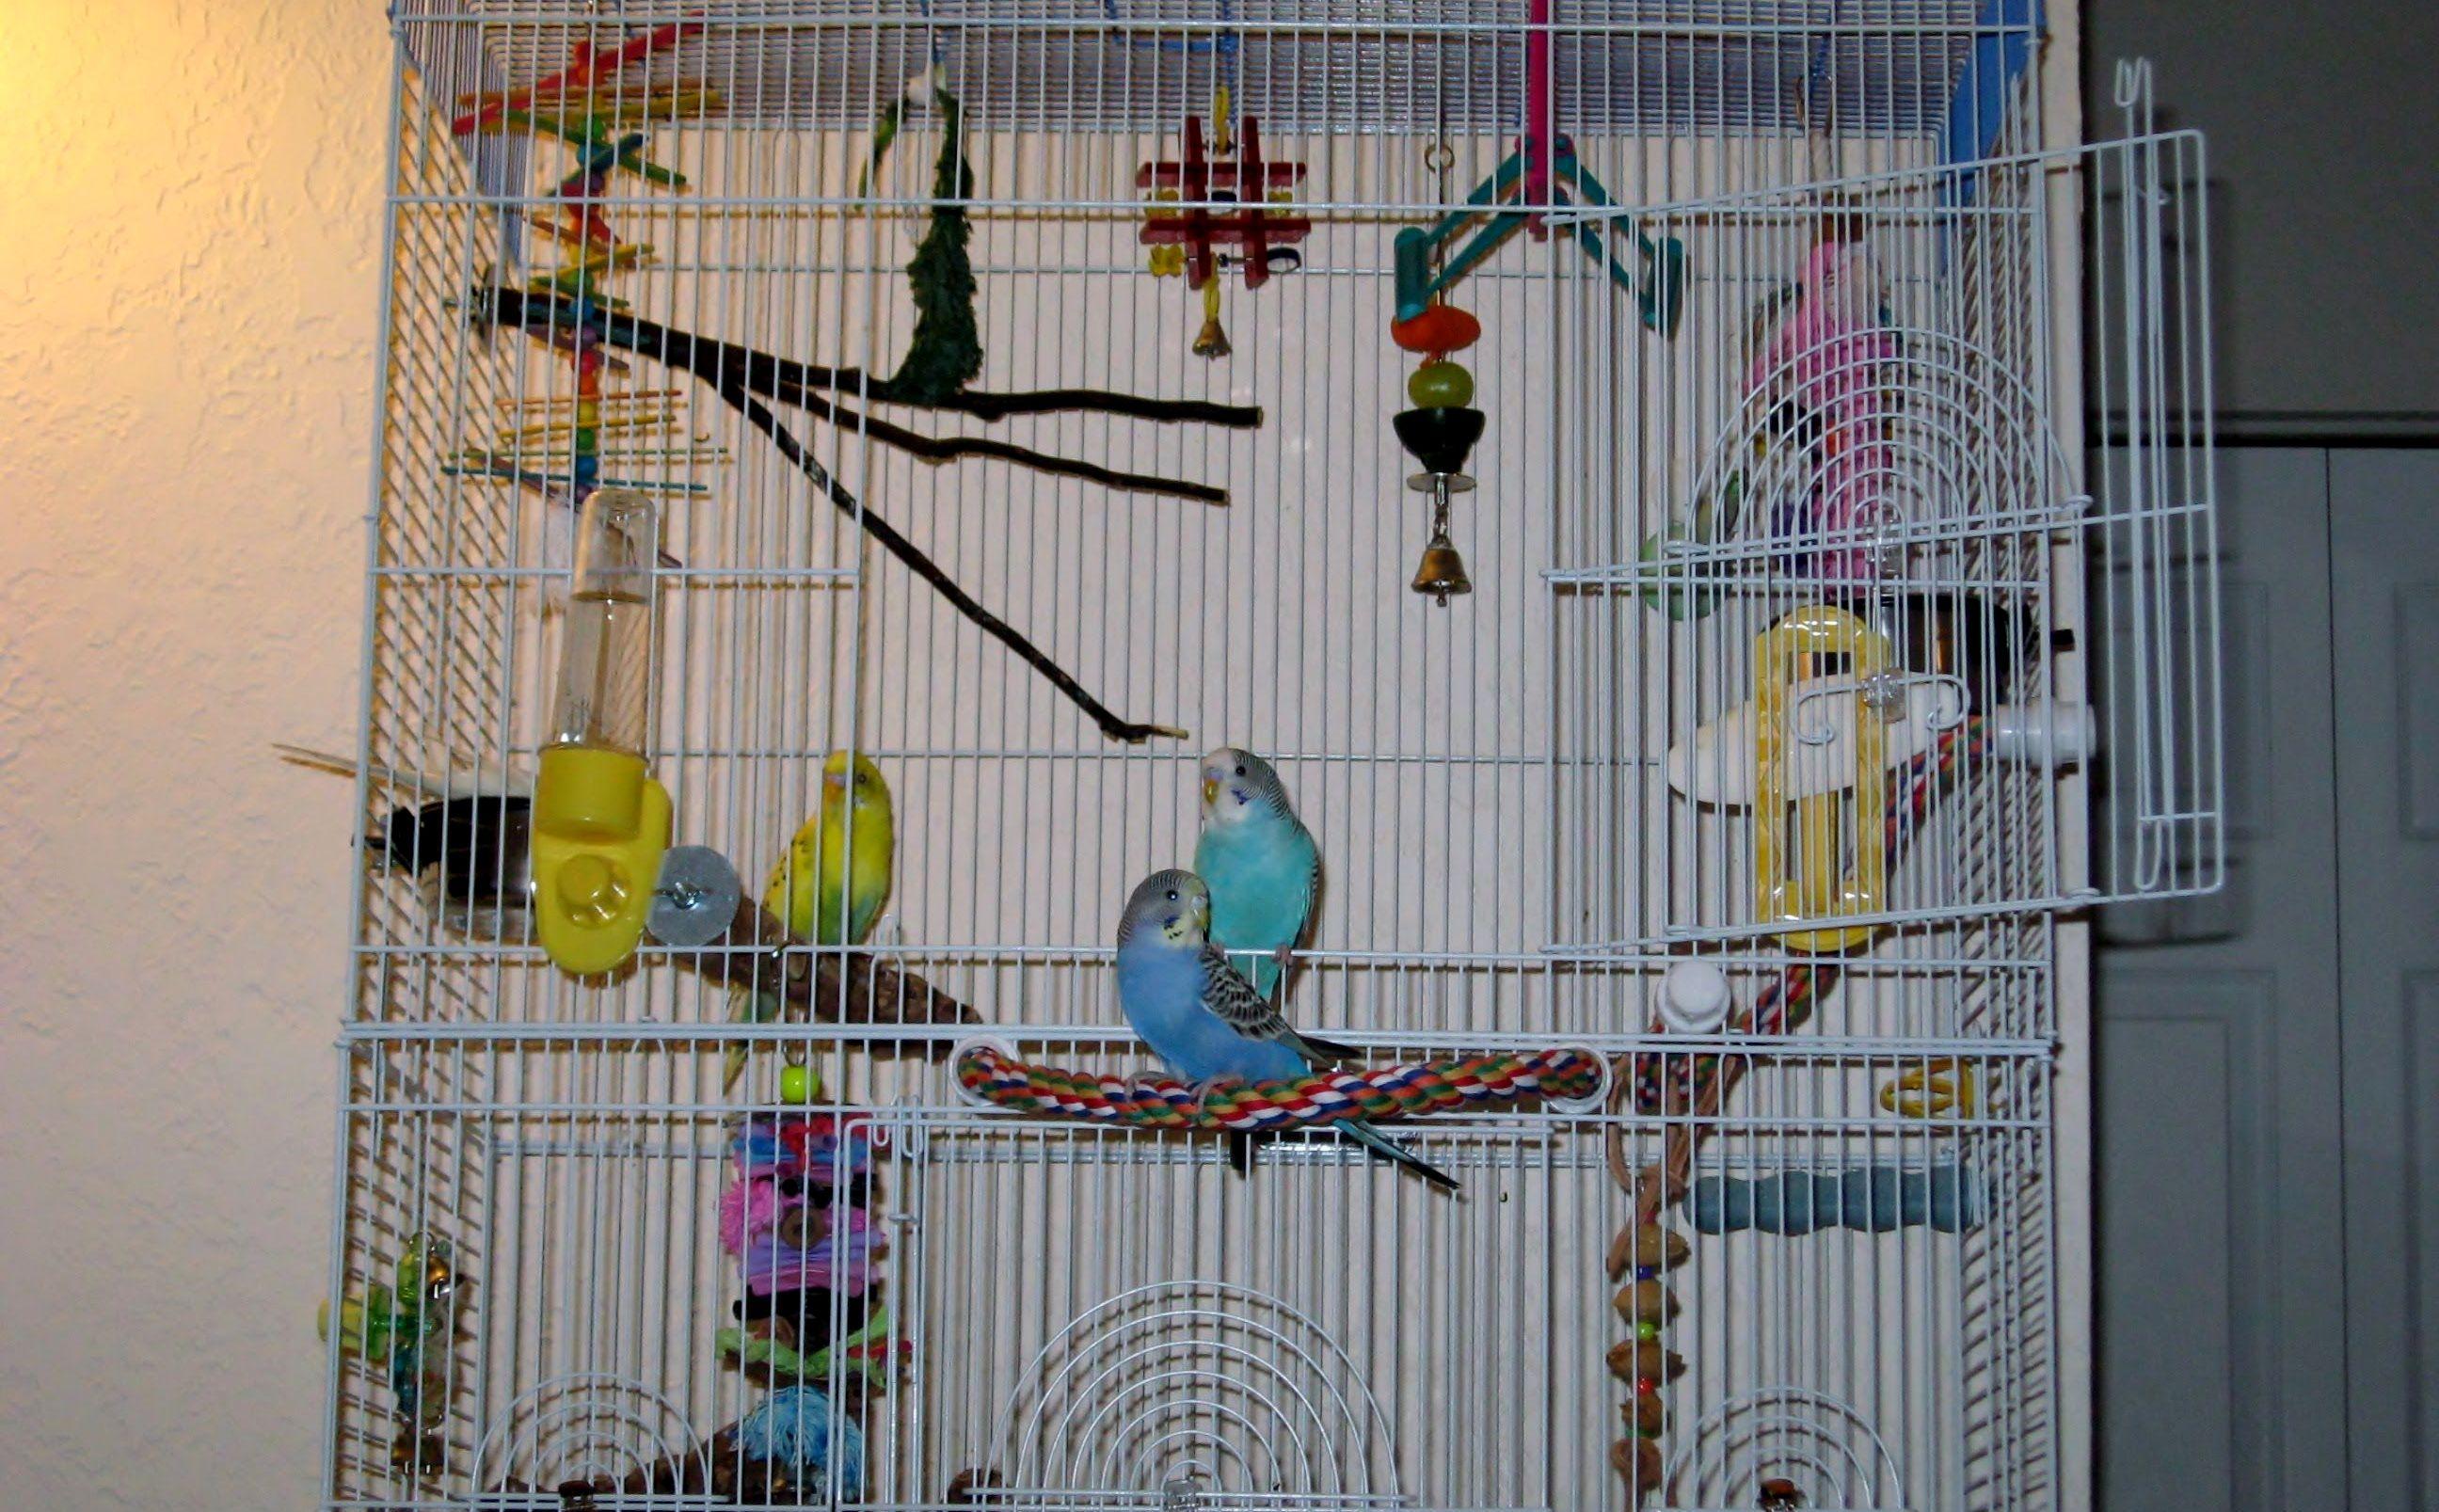 Просторная кетка для волнистых попугаев